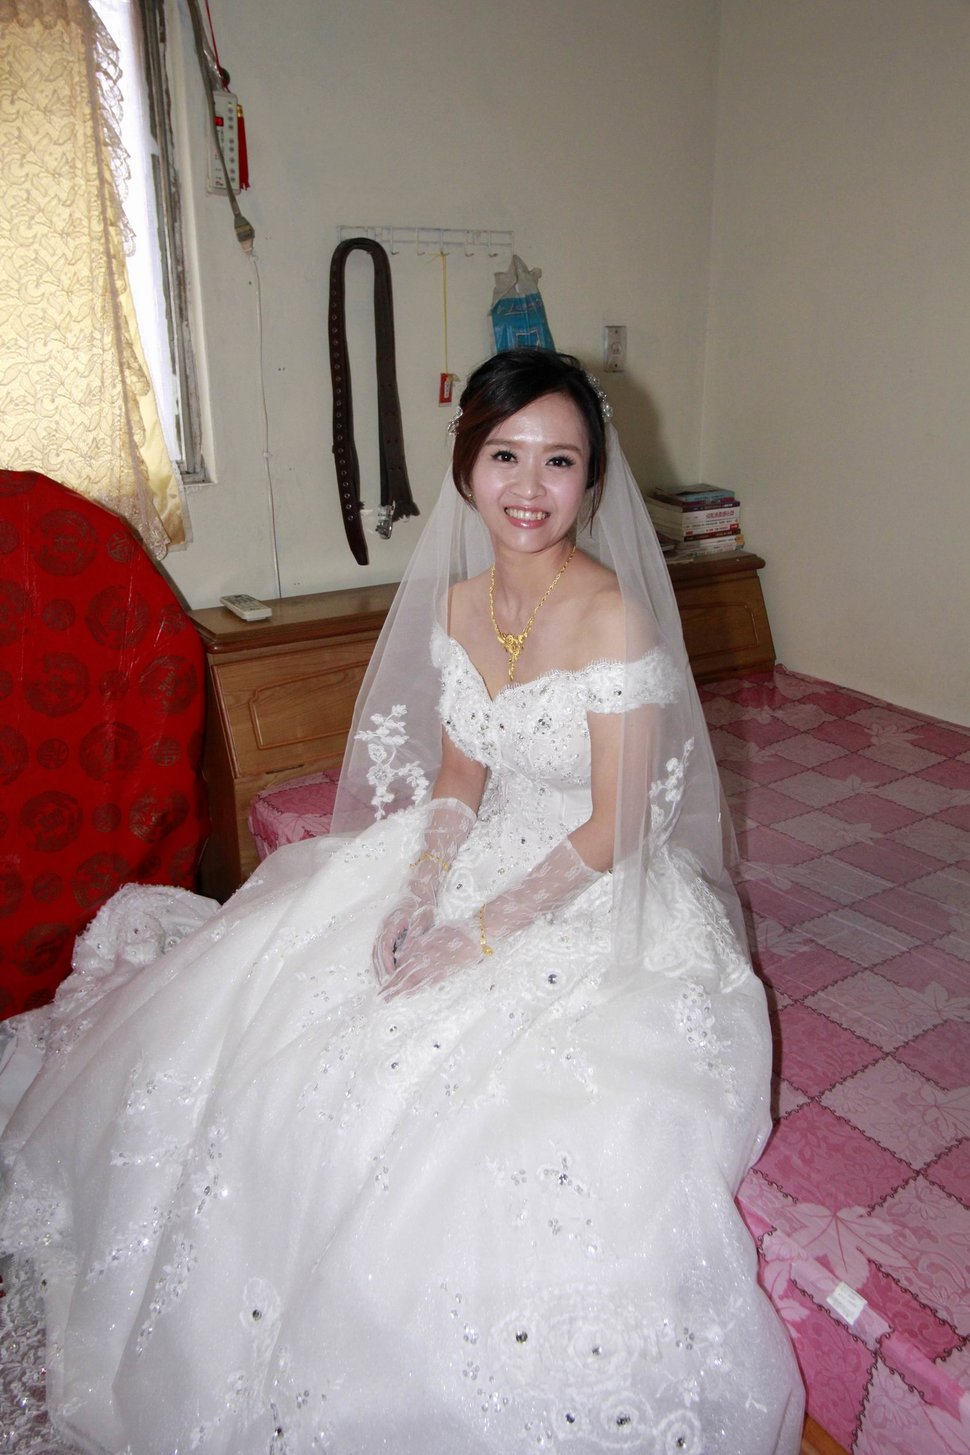 永和易牙居婚宴廣場宴會廳婚婚禮記錄結婚迎娶婚禮記錄動態微電影錄影專業錄影平面攝影婚攝婚禮(編號:212991) - 蜜月拍照10800錄影12800攝影團隊 - 結婚吧